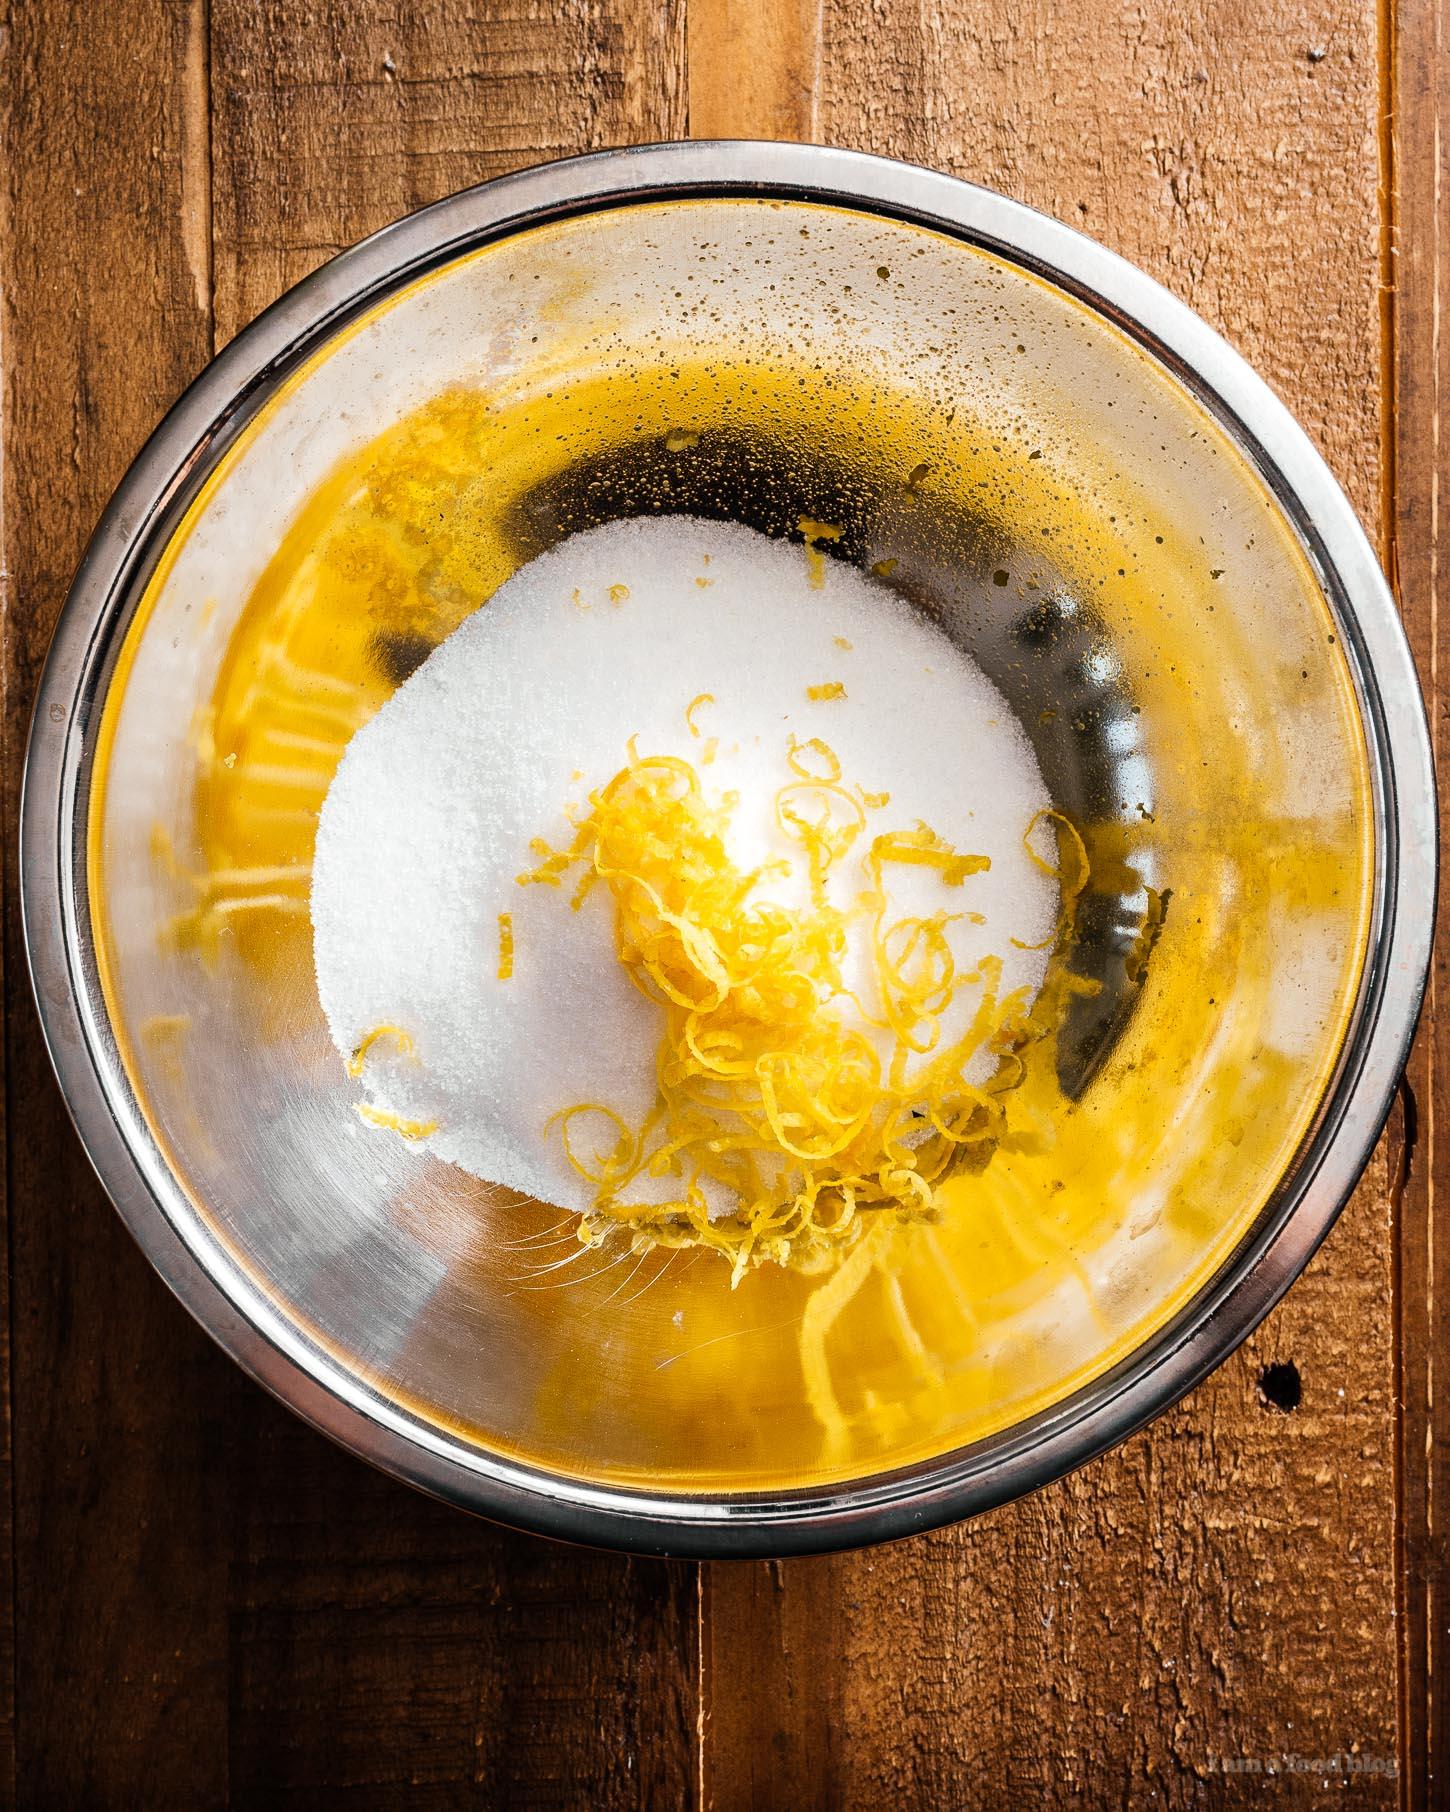 Small Batch Yogurt Lemon Poppyseed Loaf Recipe | www.iamafoodblog.com